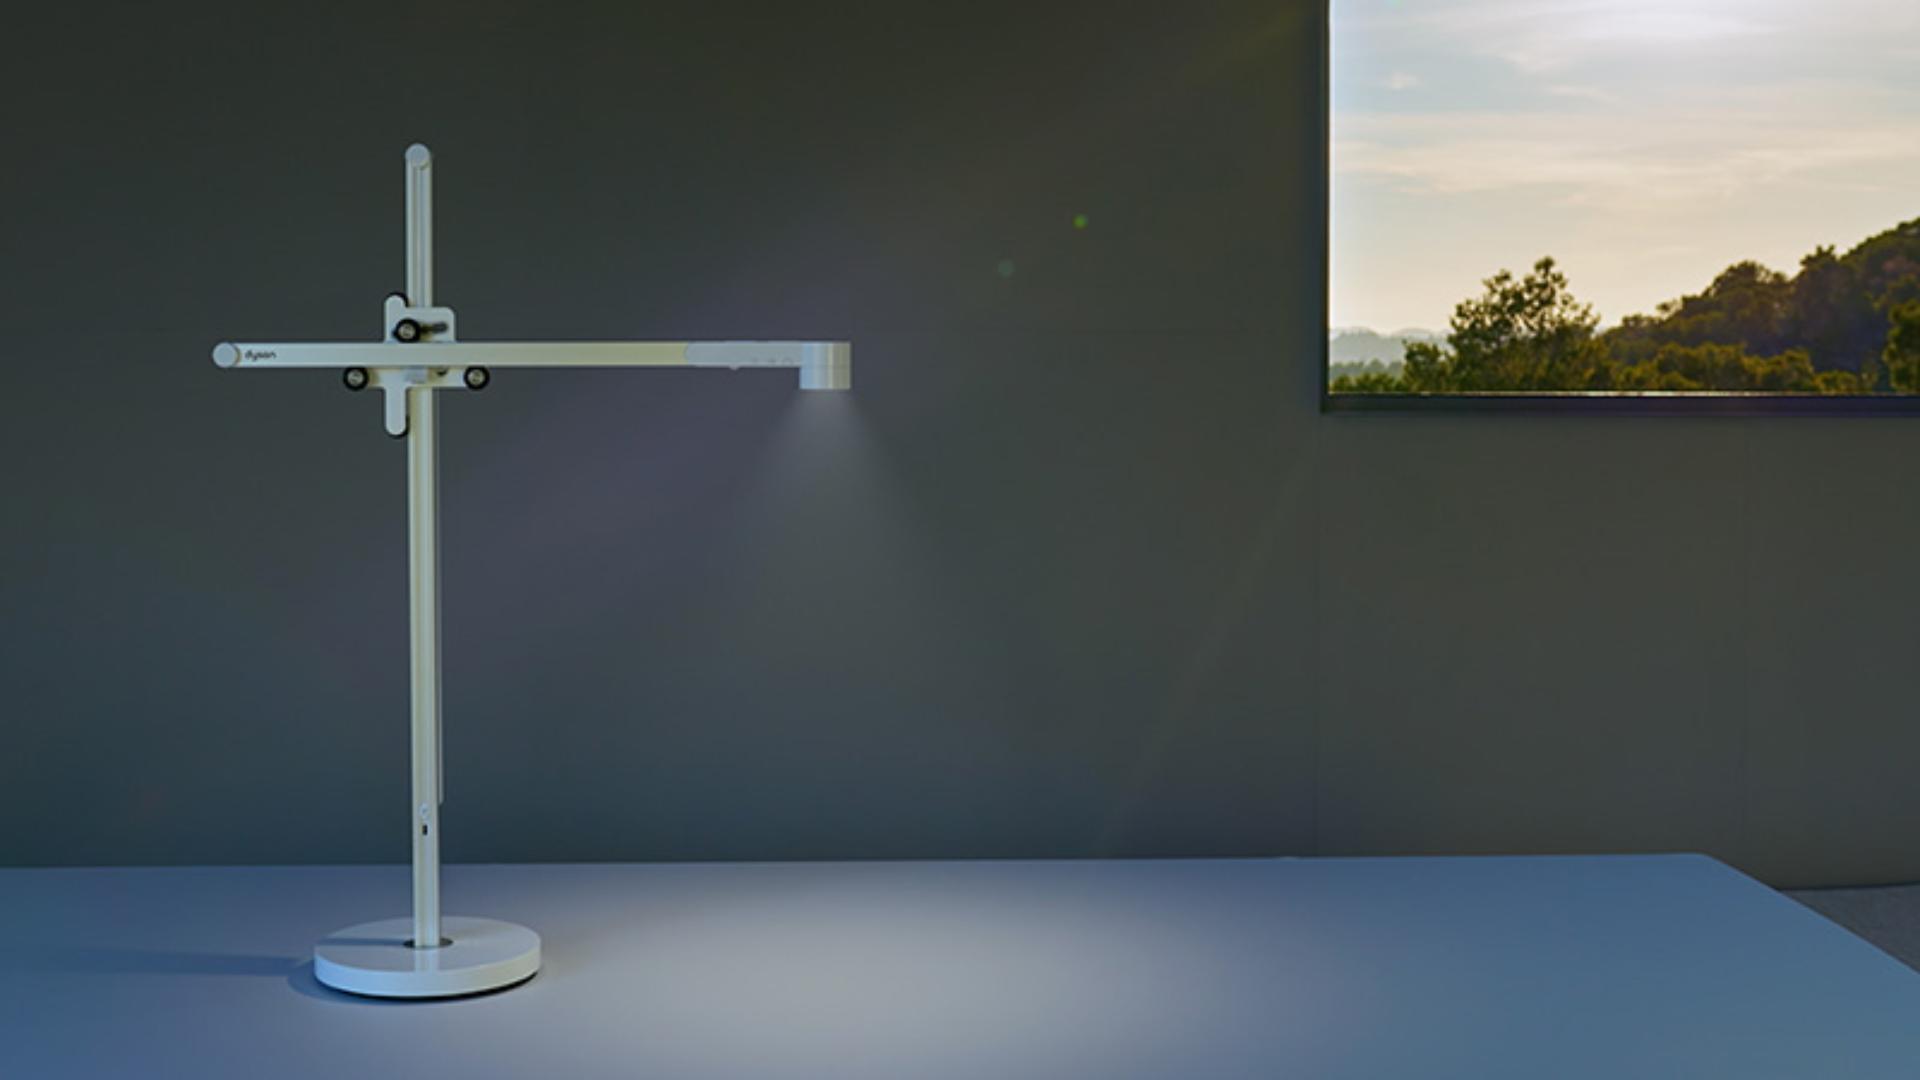 Dyson Lightcycle task light on a desk